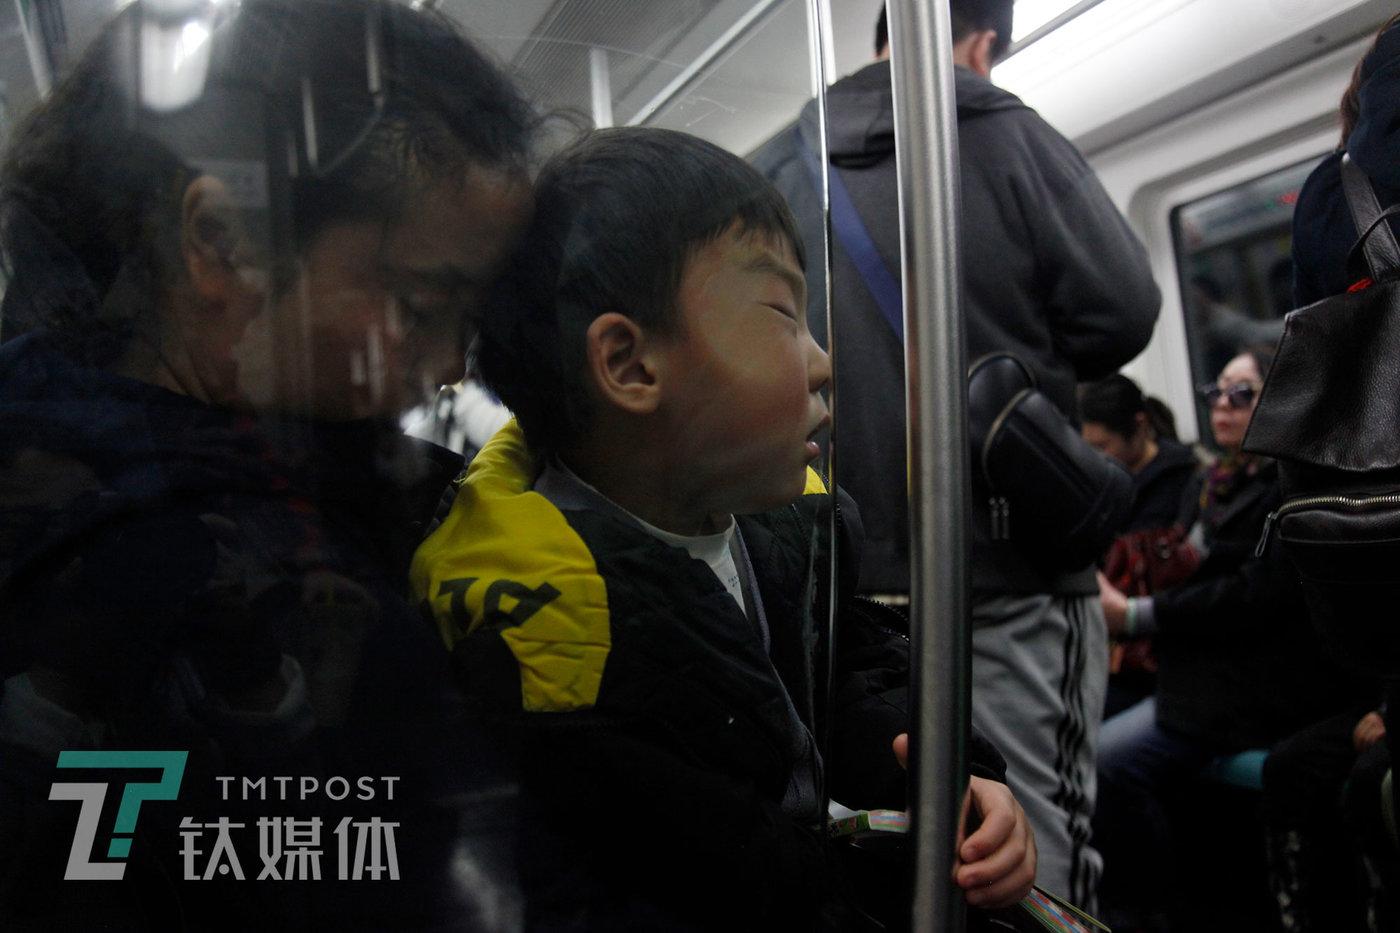 4月6日,北京,地铁上相依睡着的母子。